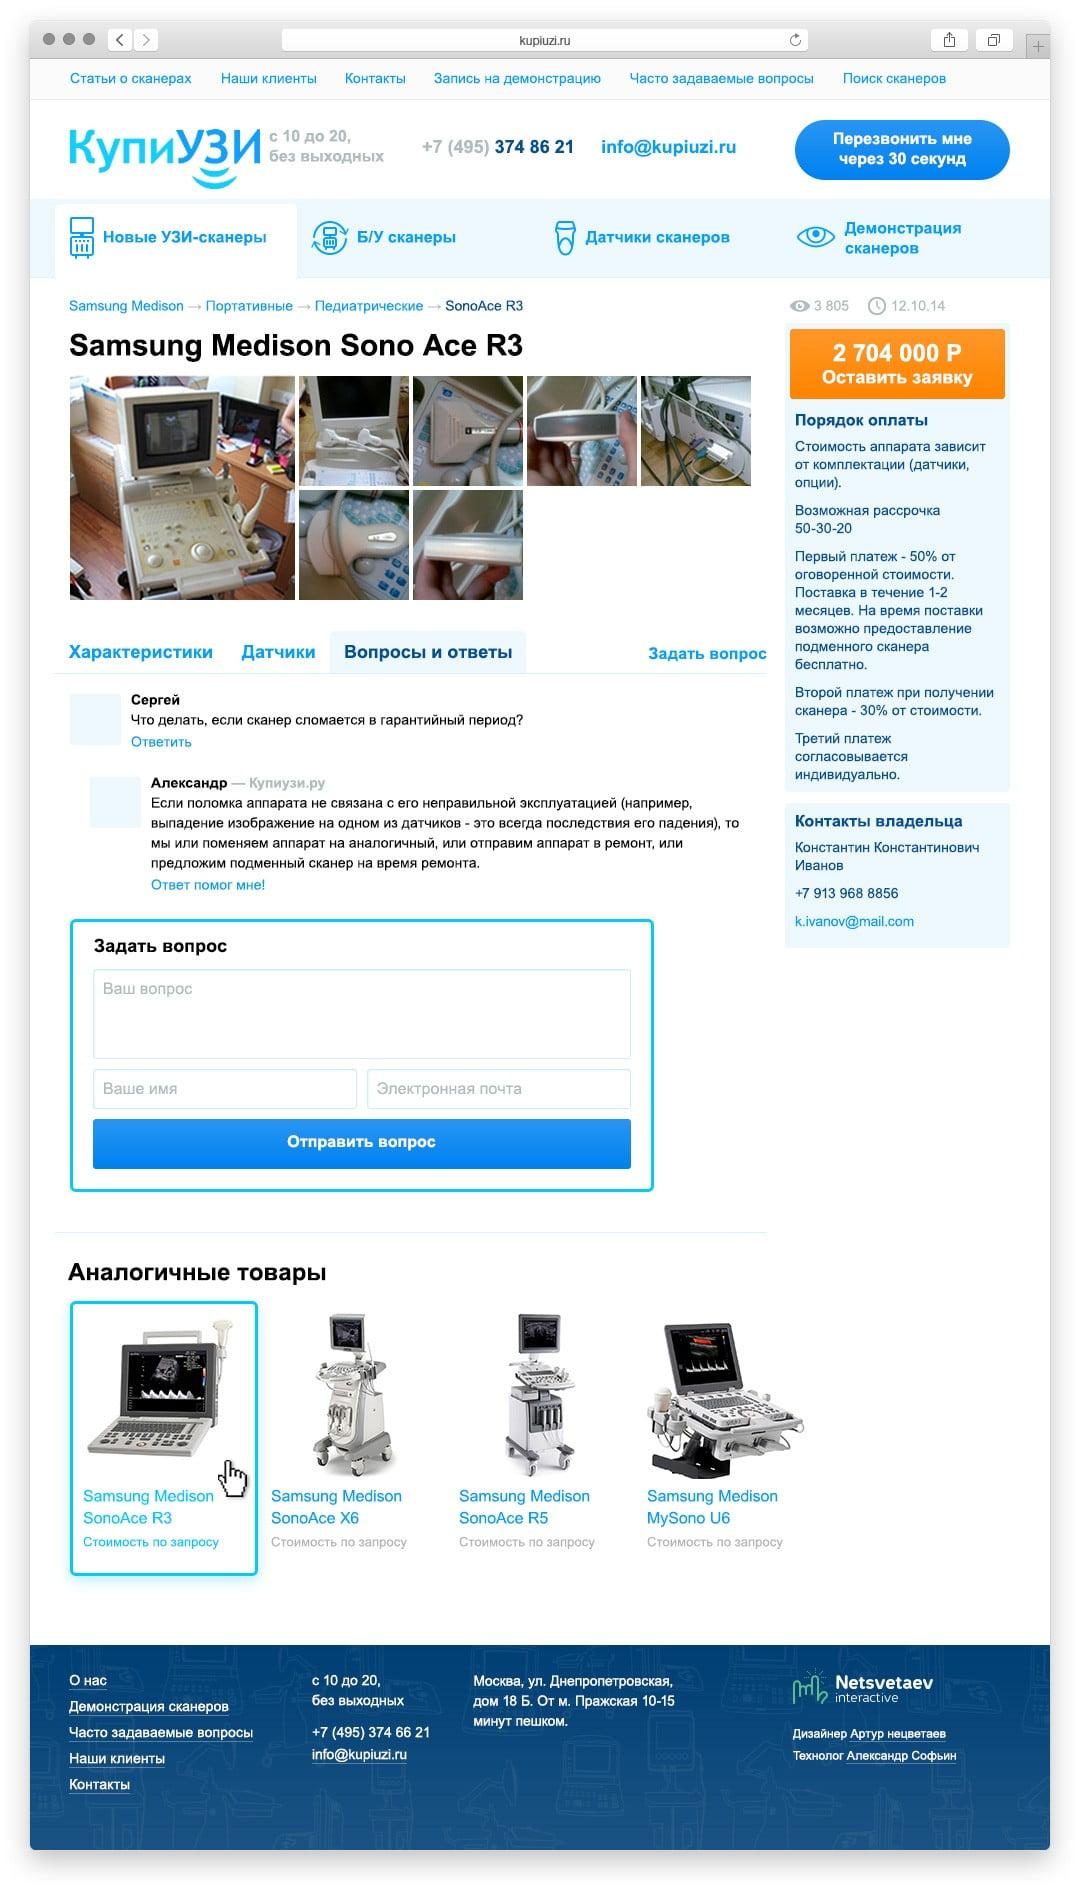 Третья версия Kupiuzi.ru Сайт Артура Нецветаева — сайты, приложения, прототипы и оформление интерфейсов browser product replies